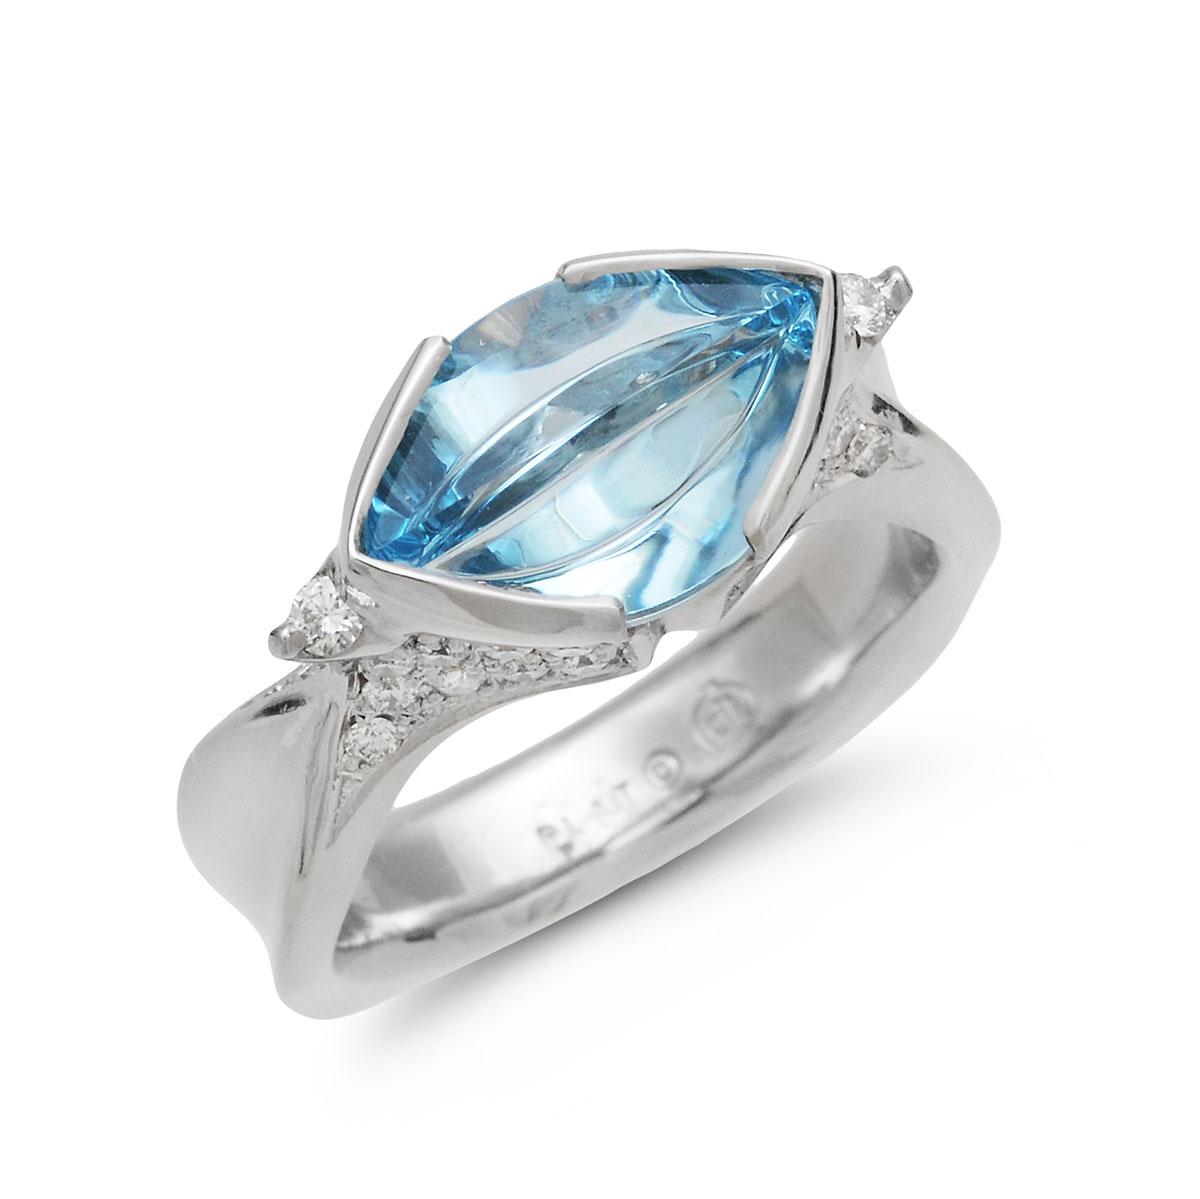 IND1046 Aquamarine Platinum Ring